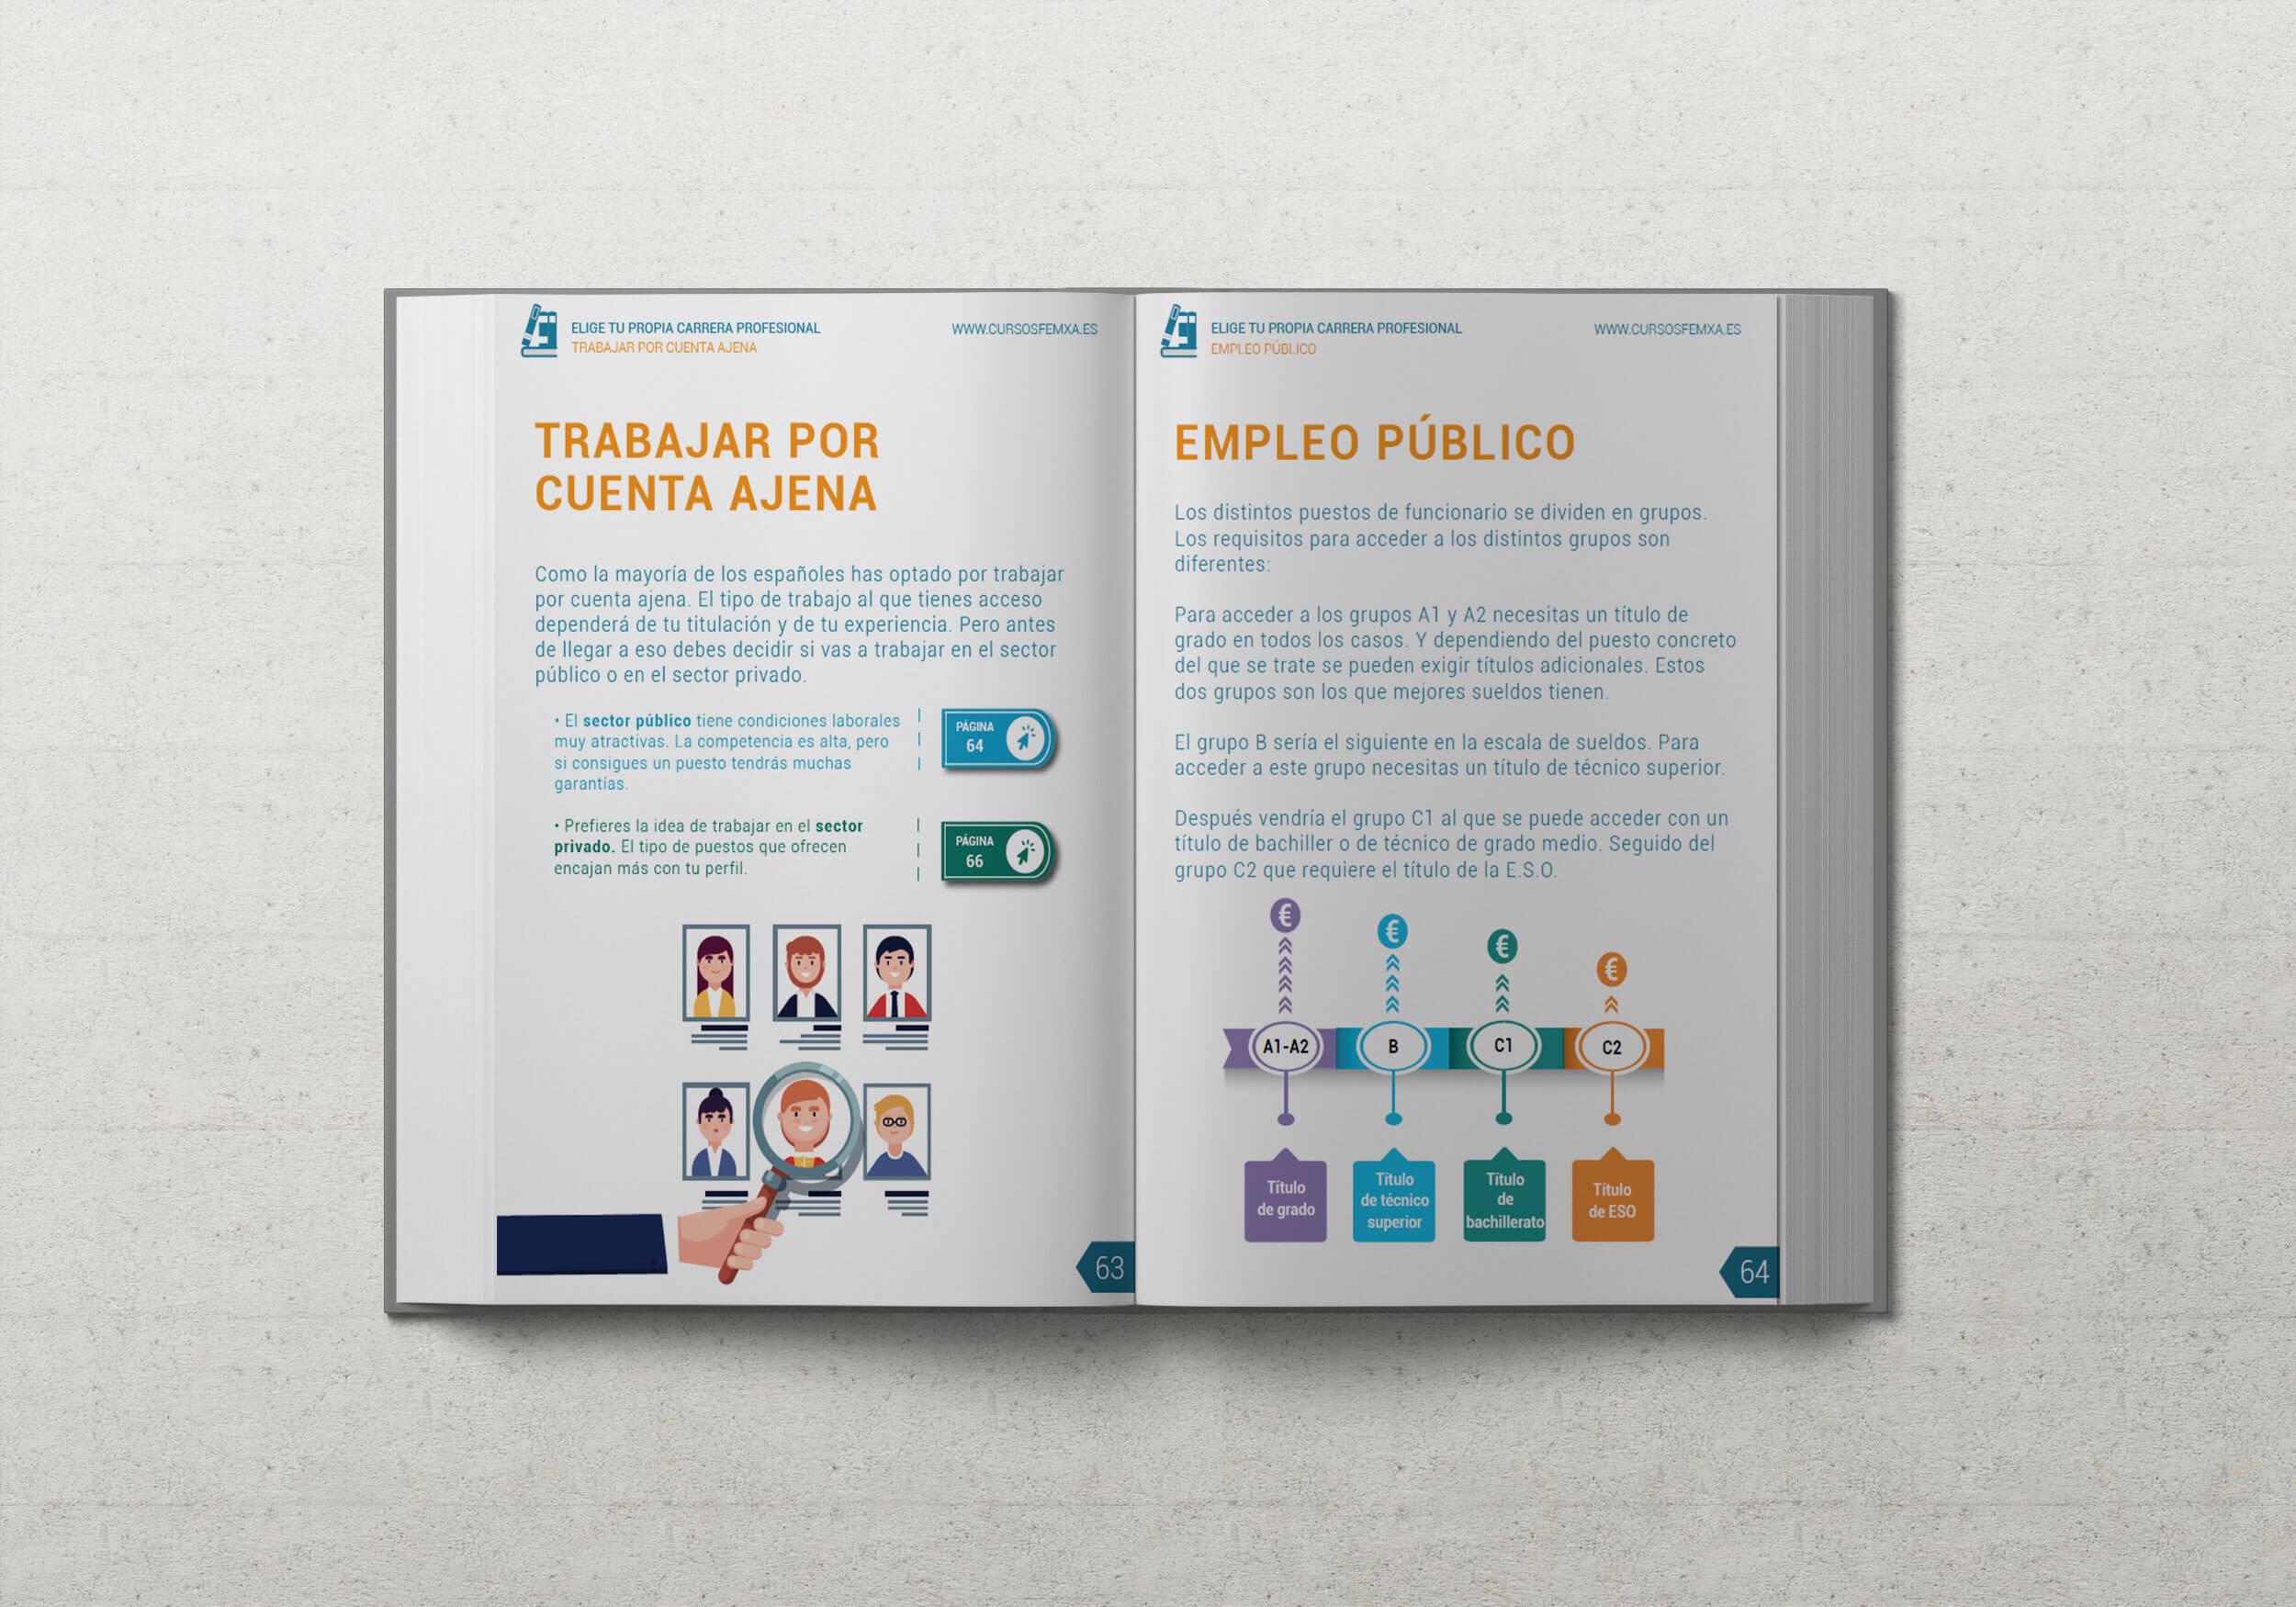 ebook interactivo sobre como encontrar el camino de estudios y llegar a tener trabajo